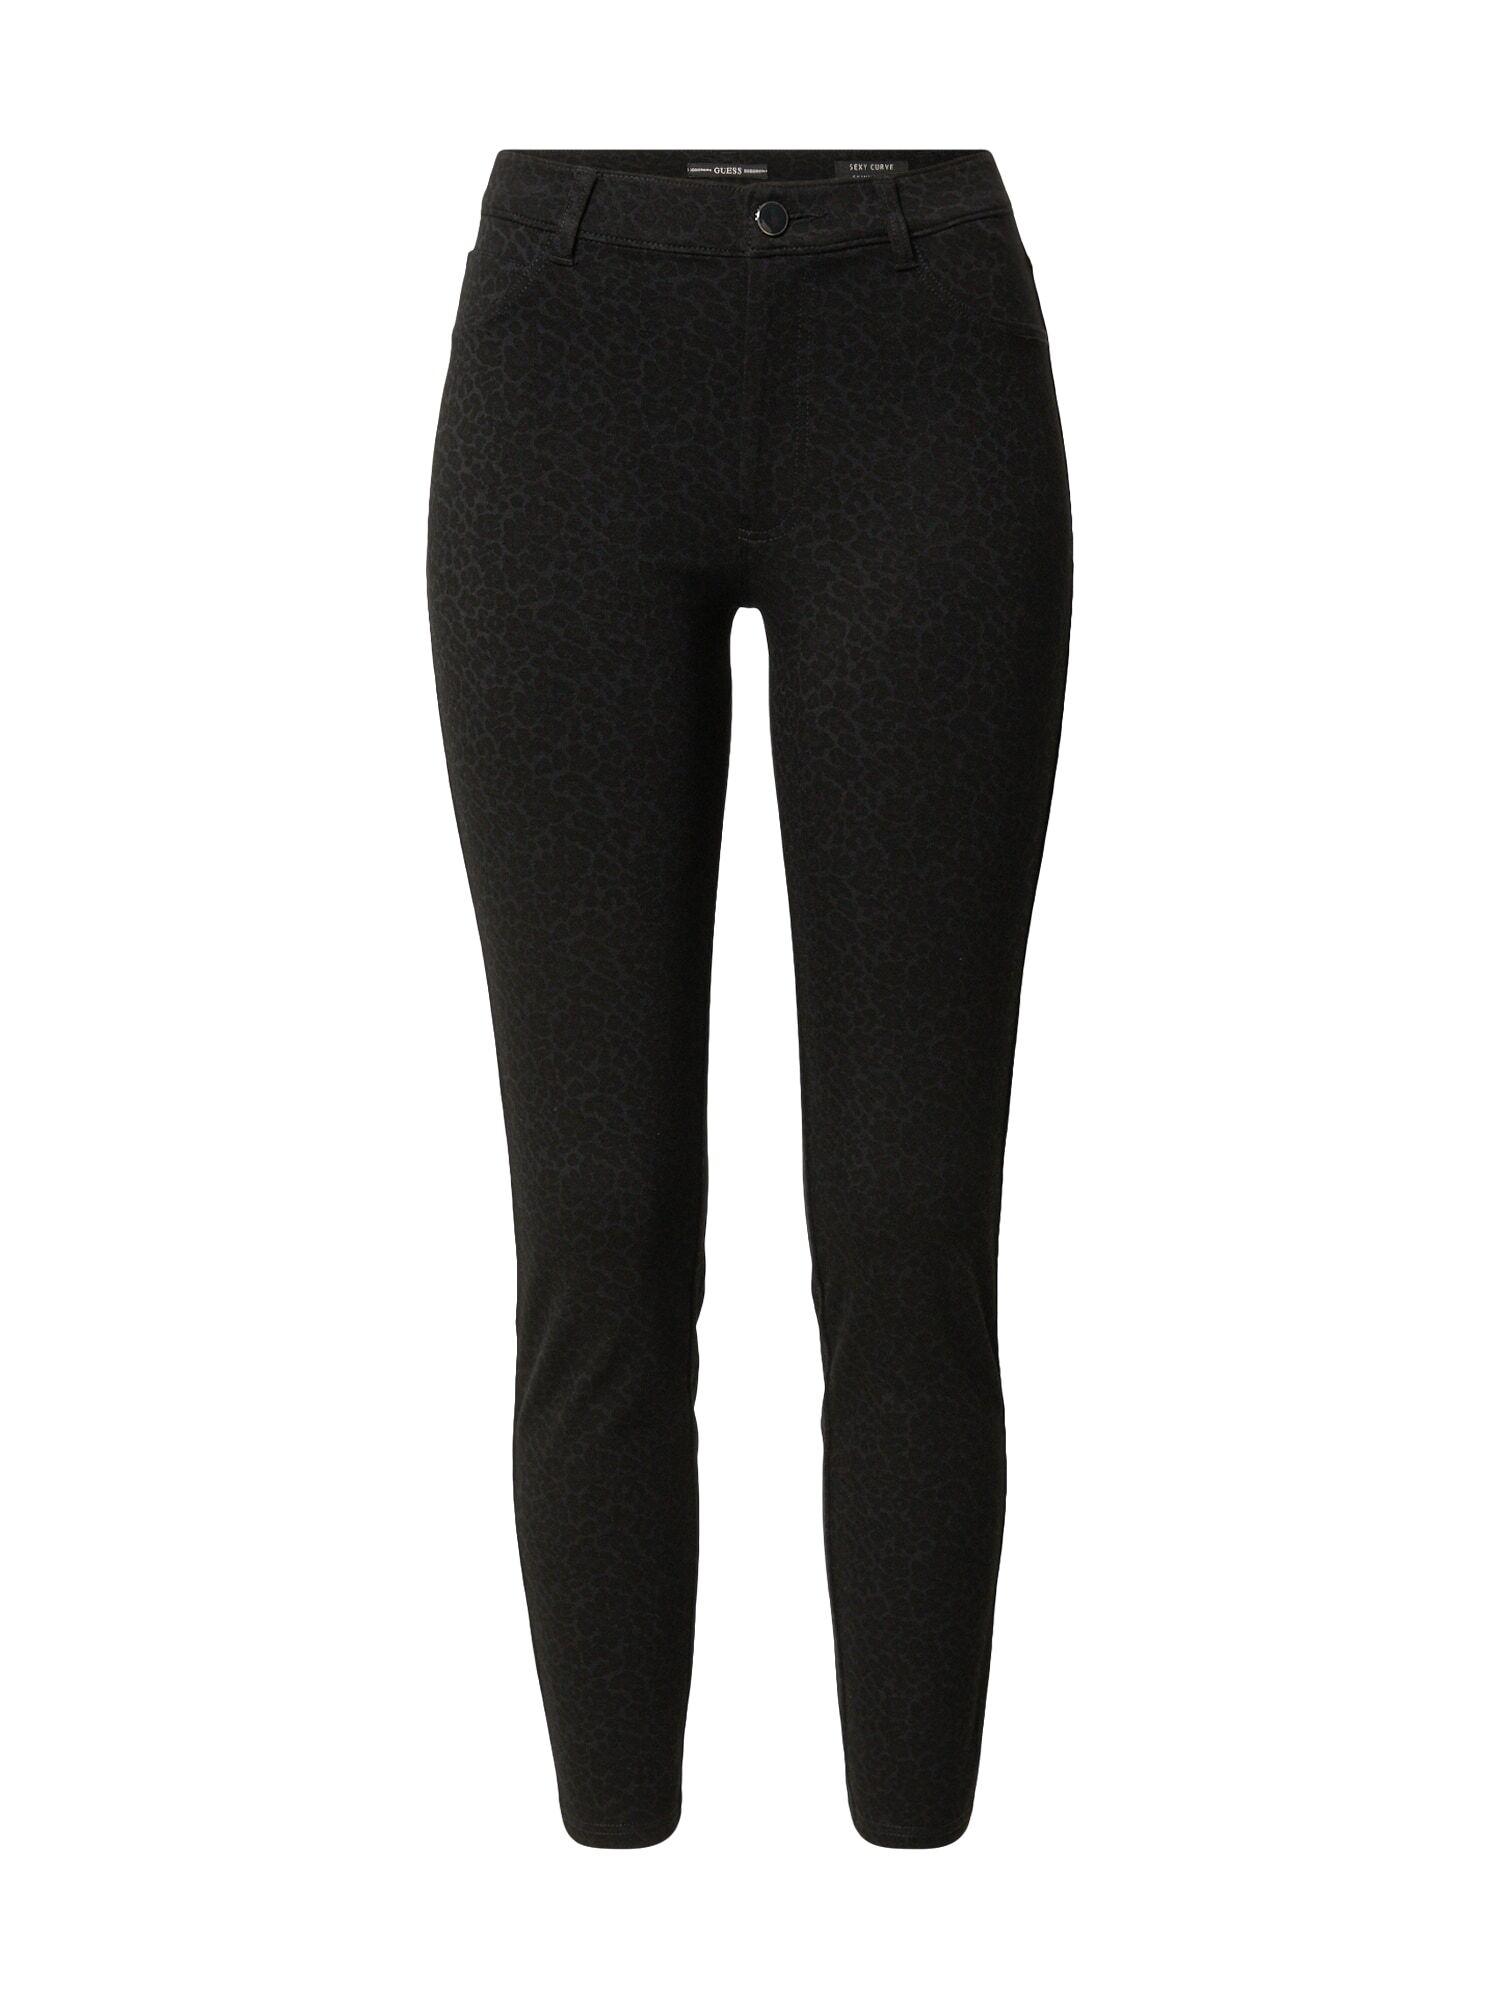 GUESS Pantalon 'SEXY CURVE'  - Noir - Taille: 29 - female